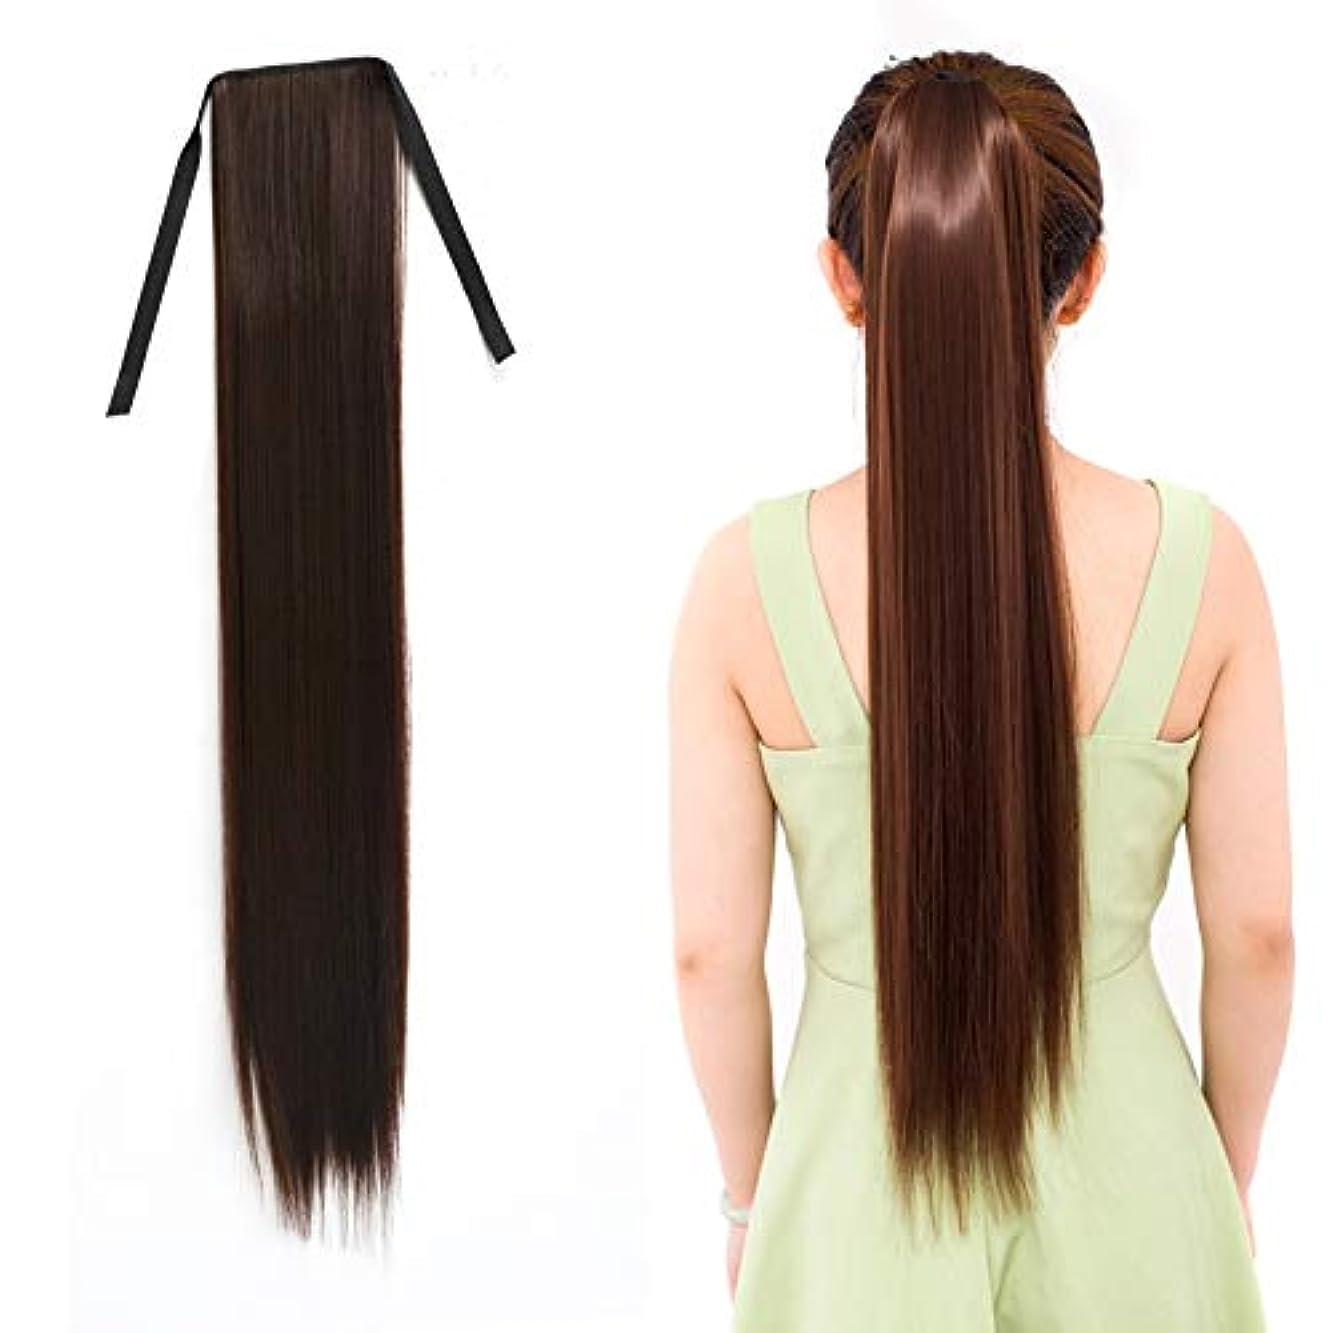 とまり木失望させる電話をかける美しさ 女性のためのナチュラルロングストレートヘアポニーテール包帯かつらポニーテール、長さ:75センチ ヘア&シェービング (色 : Black Brown)